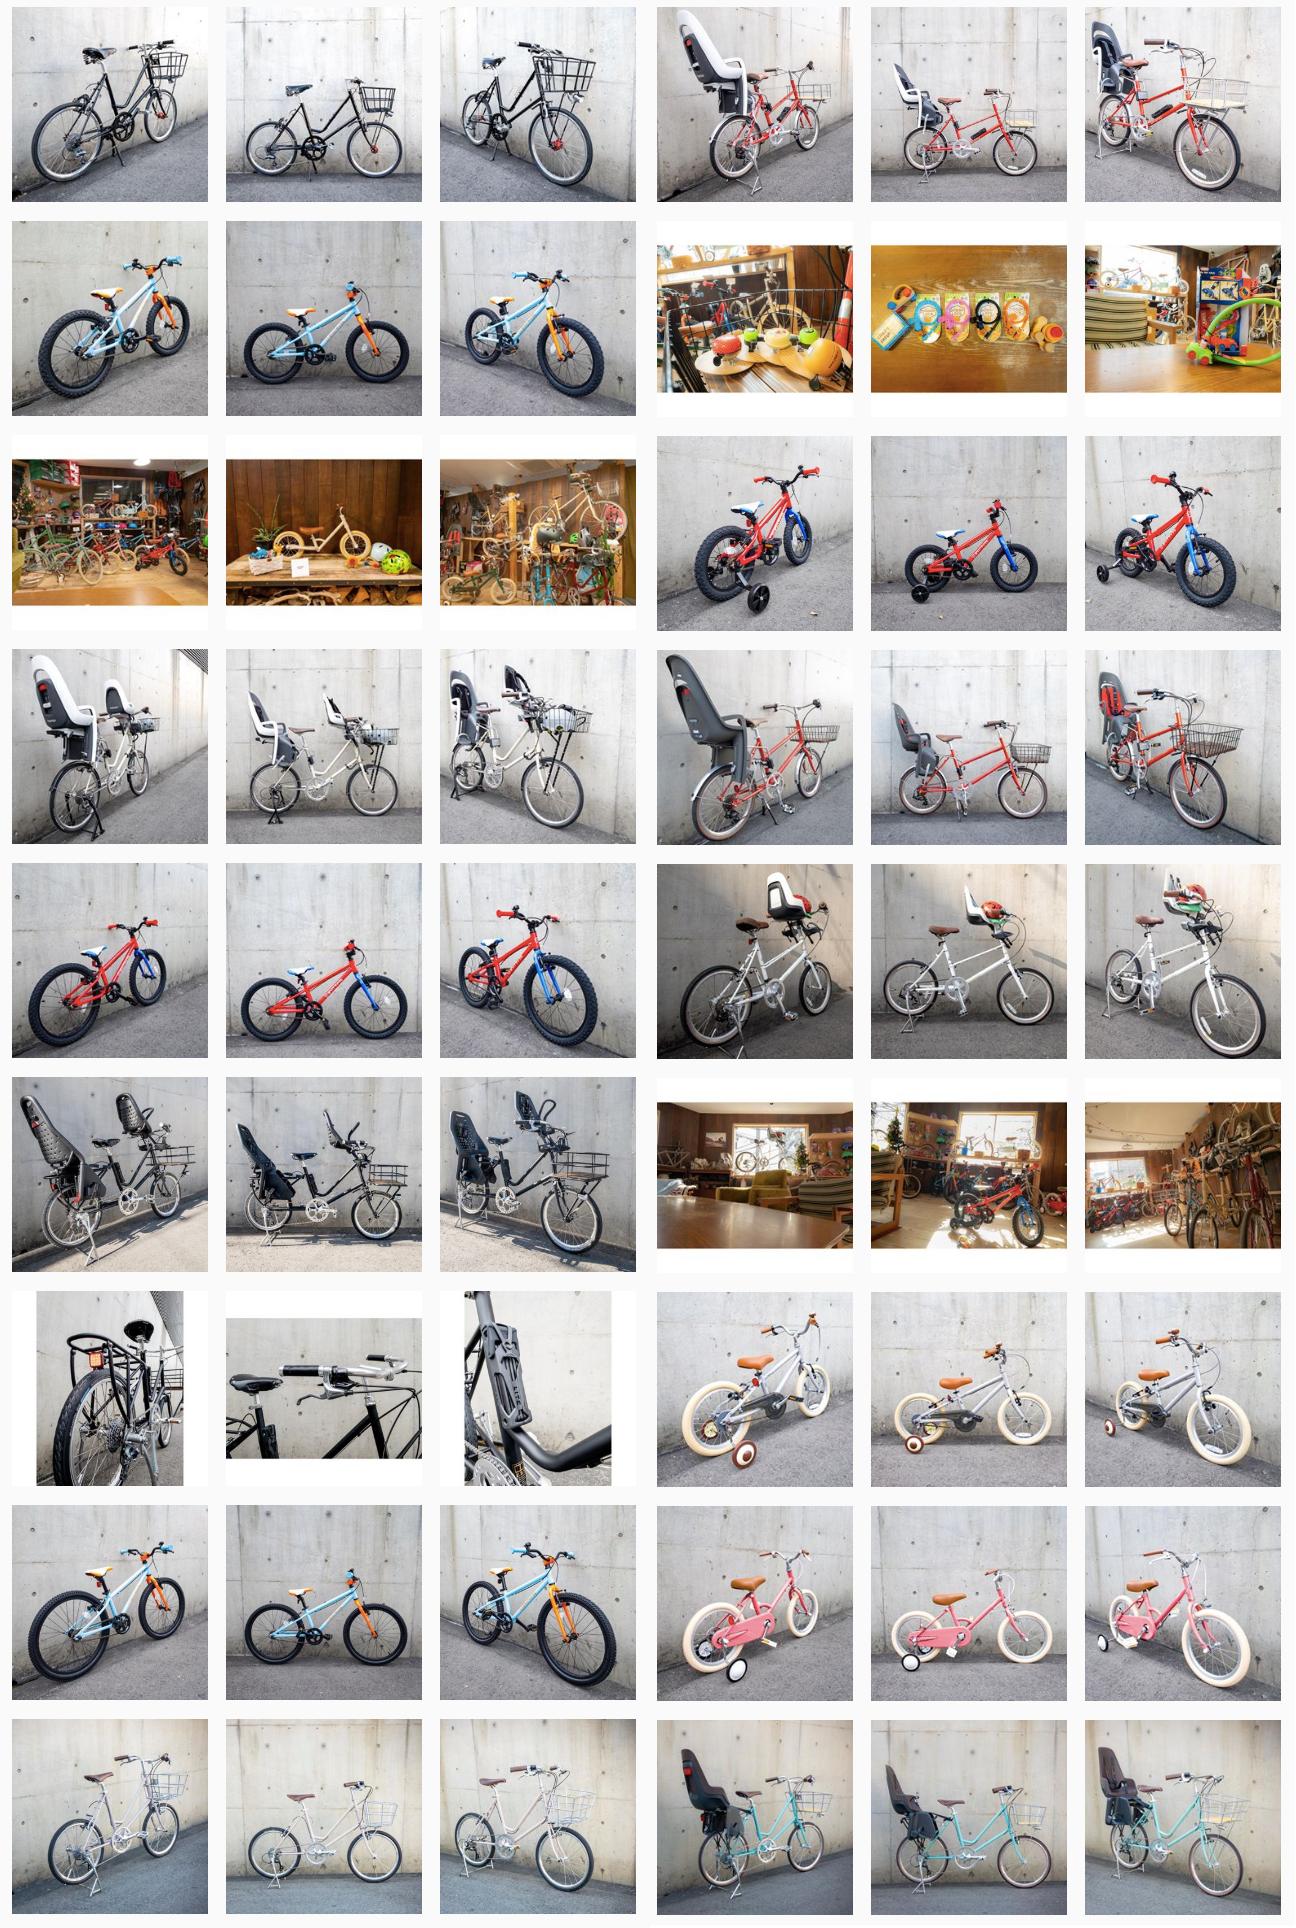 春の入園に向けて、送り迎え用の自転車をお探しのママ&パパさんはUNPEU2Fのインスタを今すぐチェック!